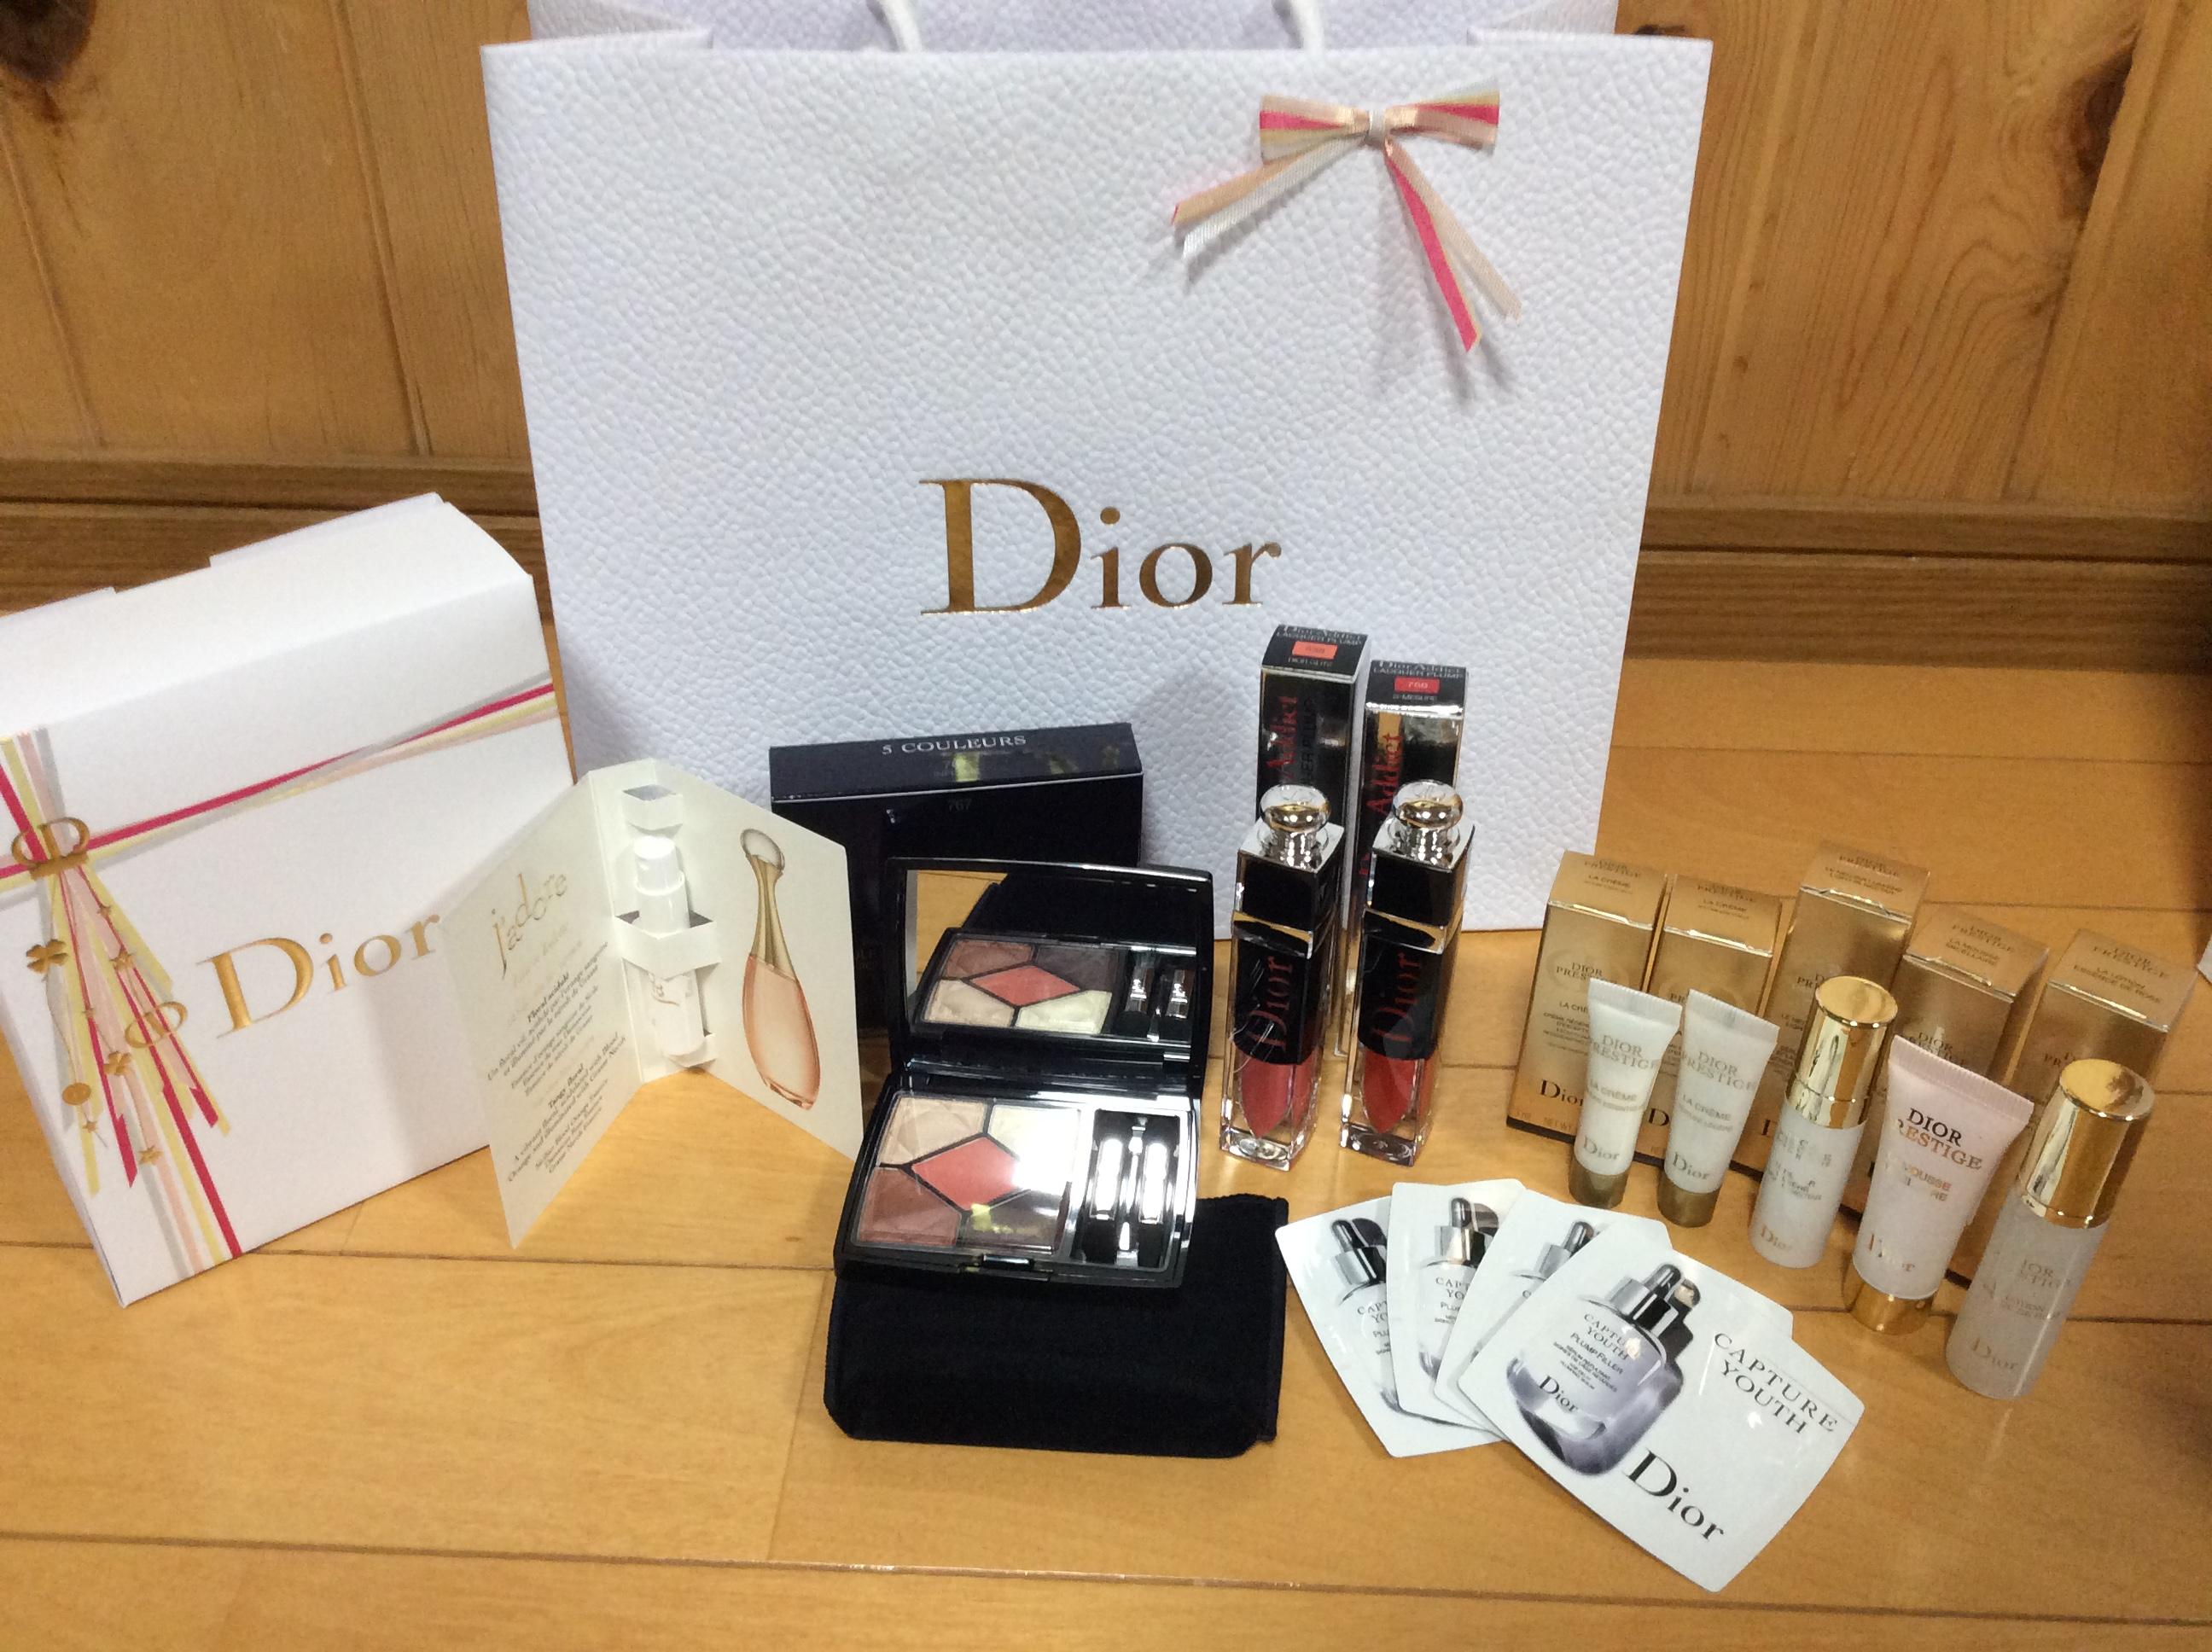 Dior サンククルール ラッカープランプ プレステージ など 購入品